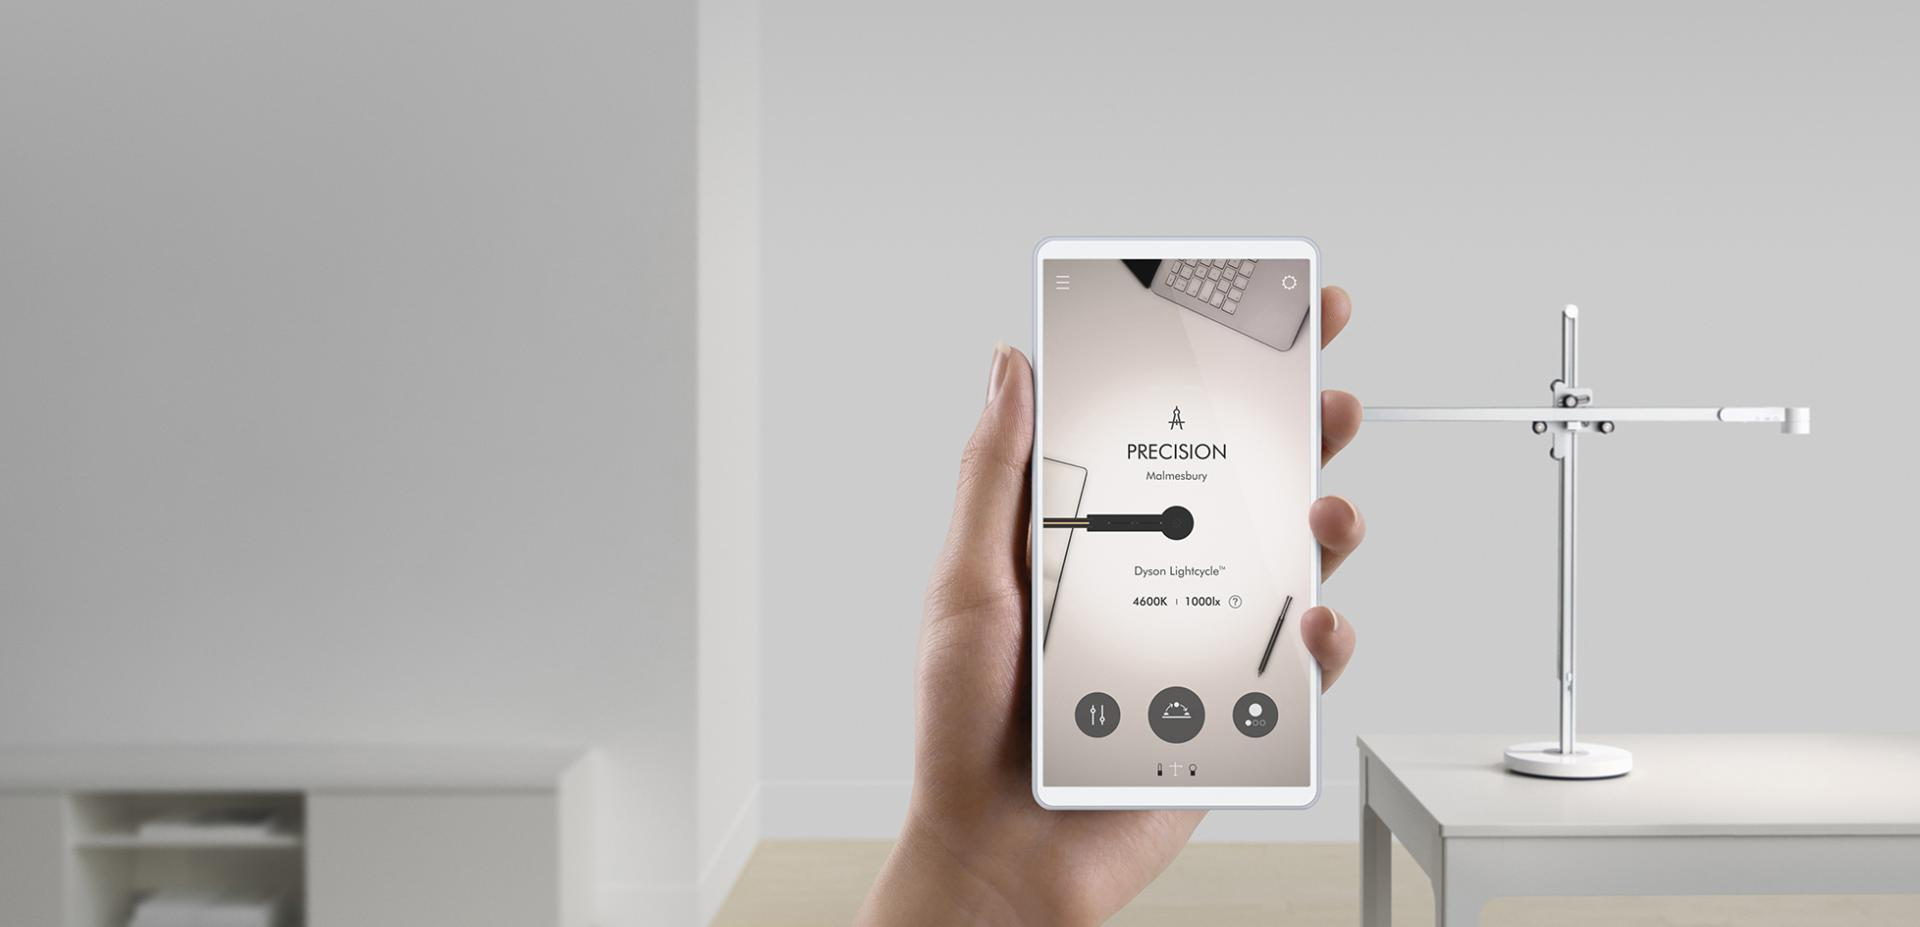 Una pantalla de smartphone con la app Dyson Link